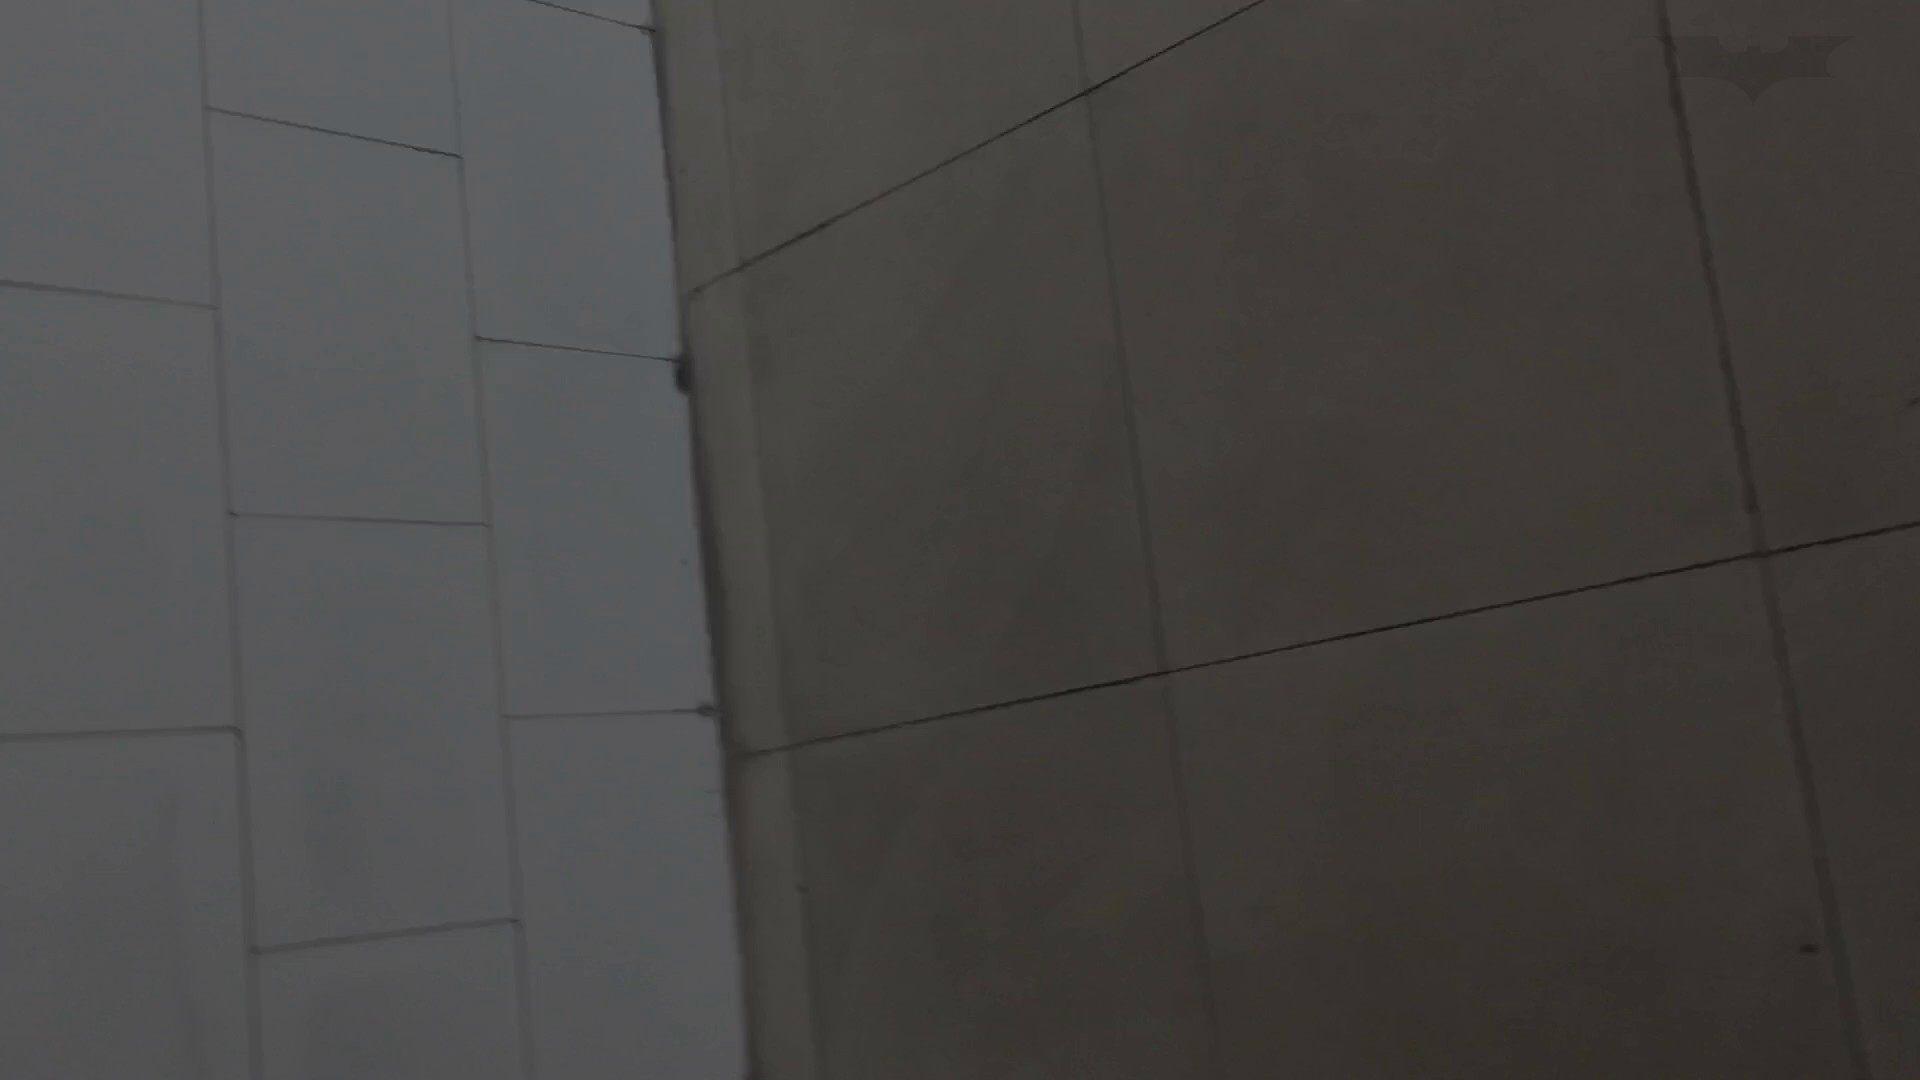 芸術大学ガチ潜入盗撮 JD盗撮 美女の洗面所の秘密 Vol.89 丸見え エロ画像 75枚 63